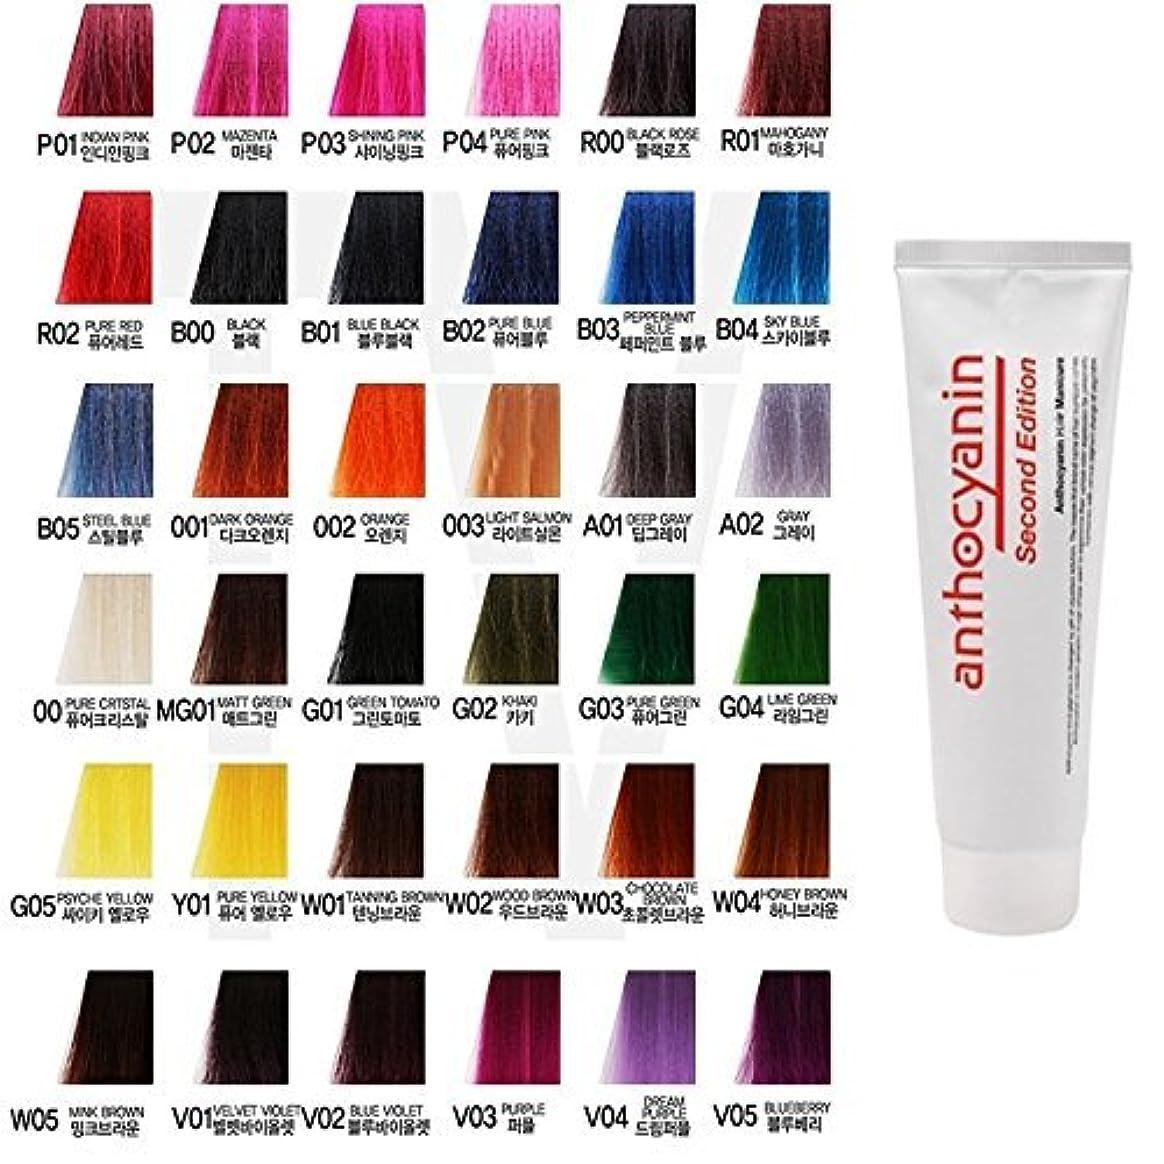 媒染剤指太陽ヘア マニキュア カラー セカンド エディション 230g セミ パーマネント 染毛剤 ( Hair Manicure Color Second Edition 230g Semi Permanent Hair Dye) [並行輸入品] (O02 Orange)